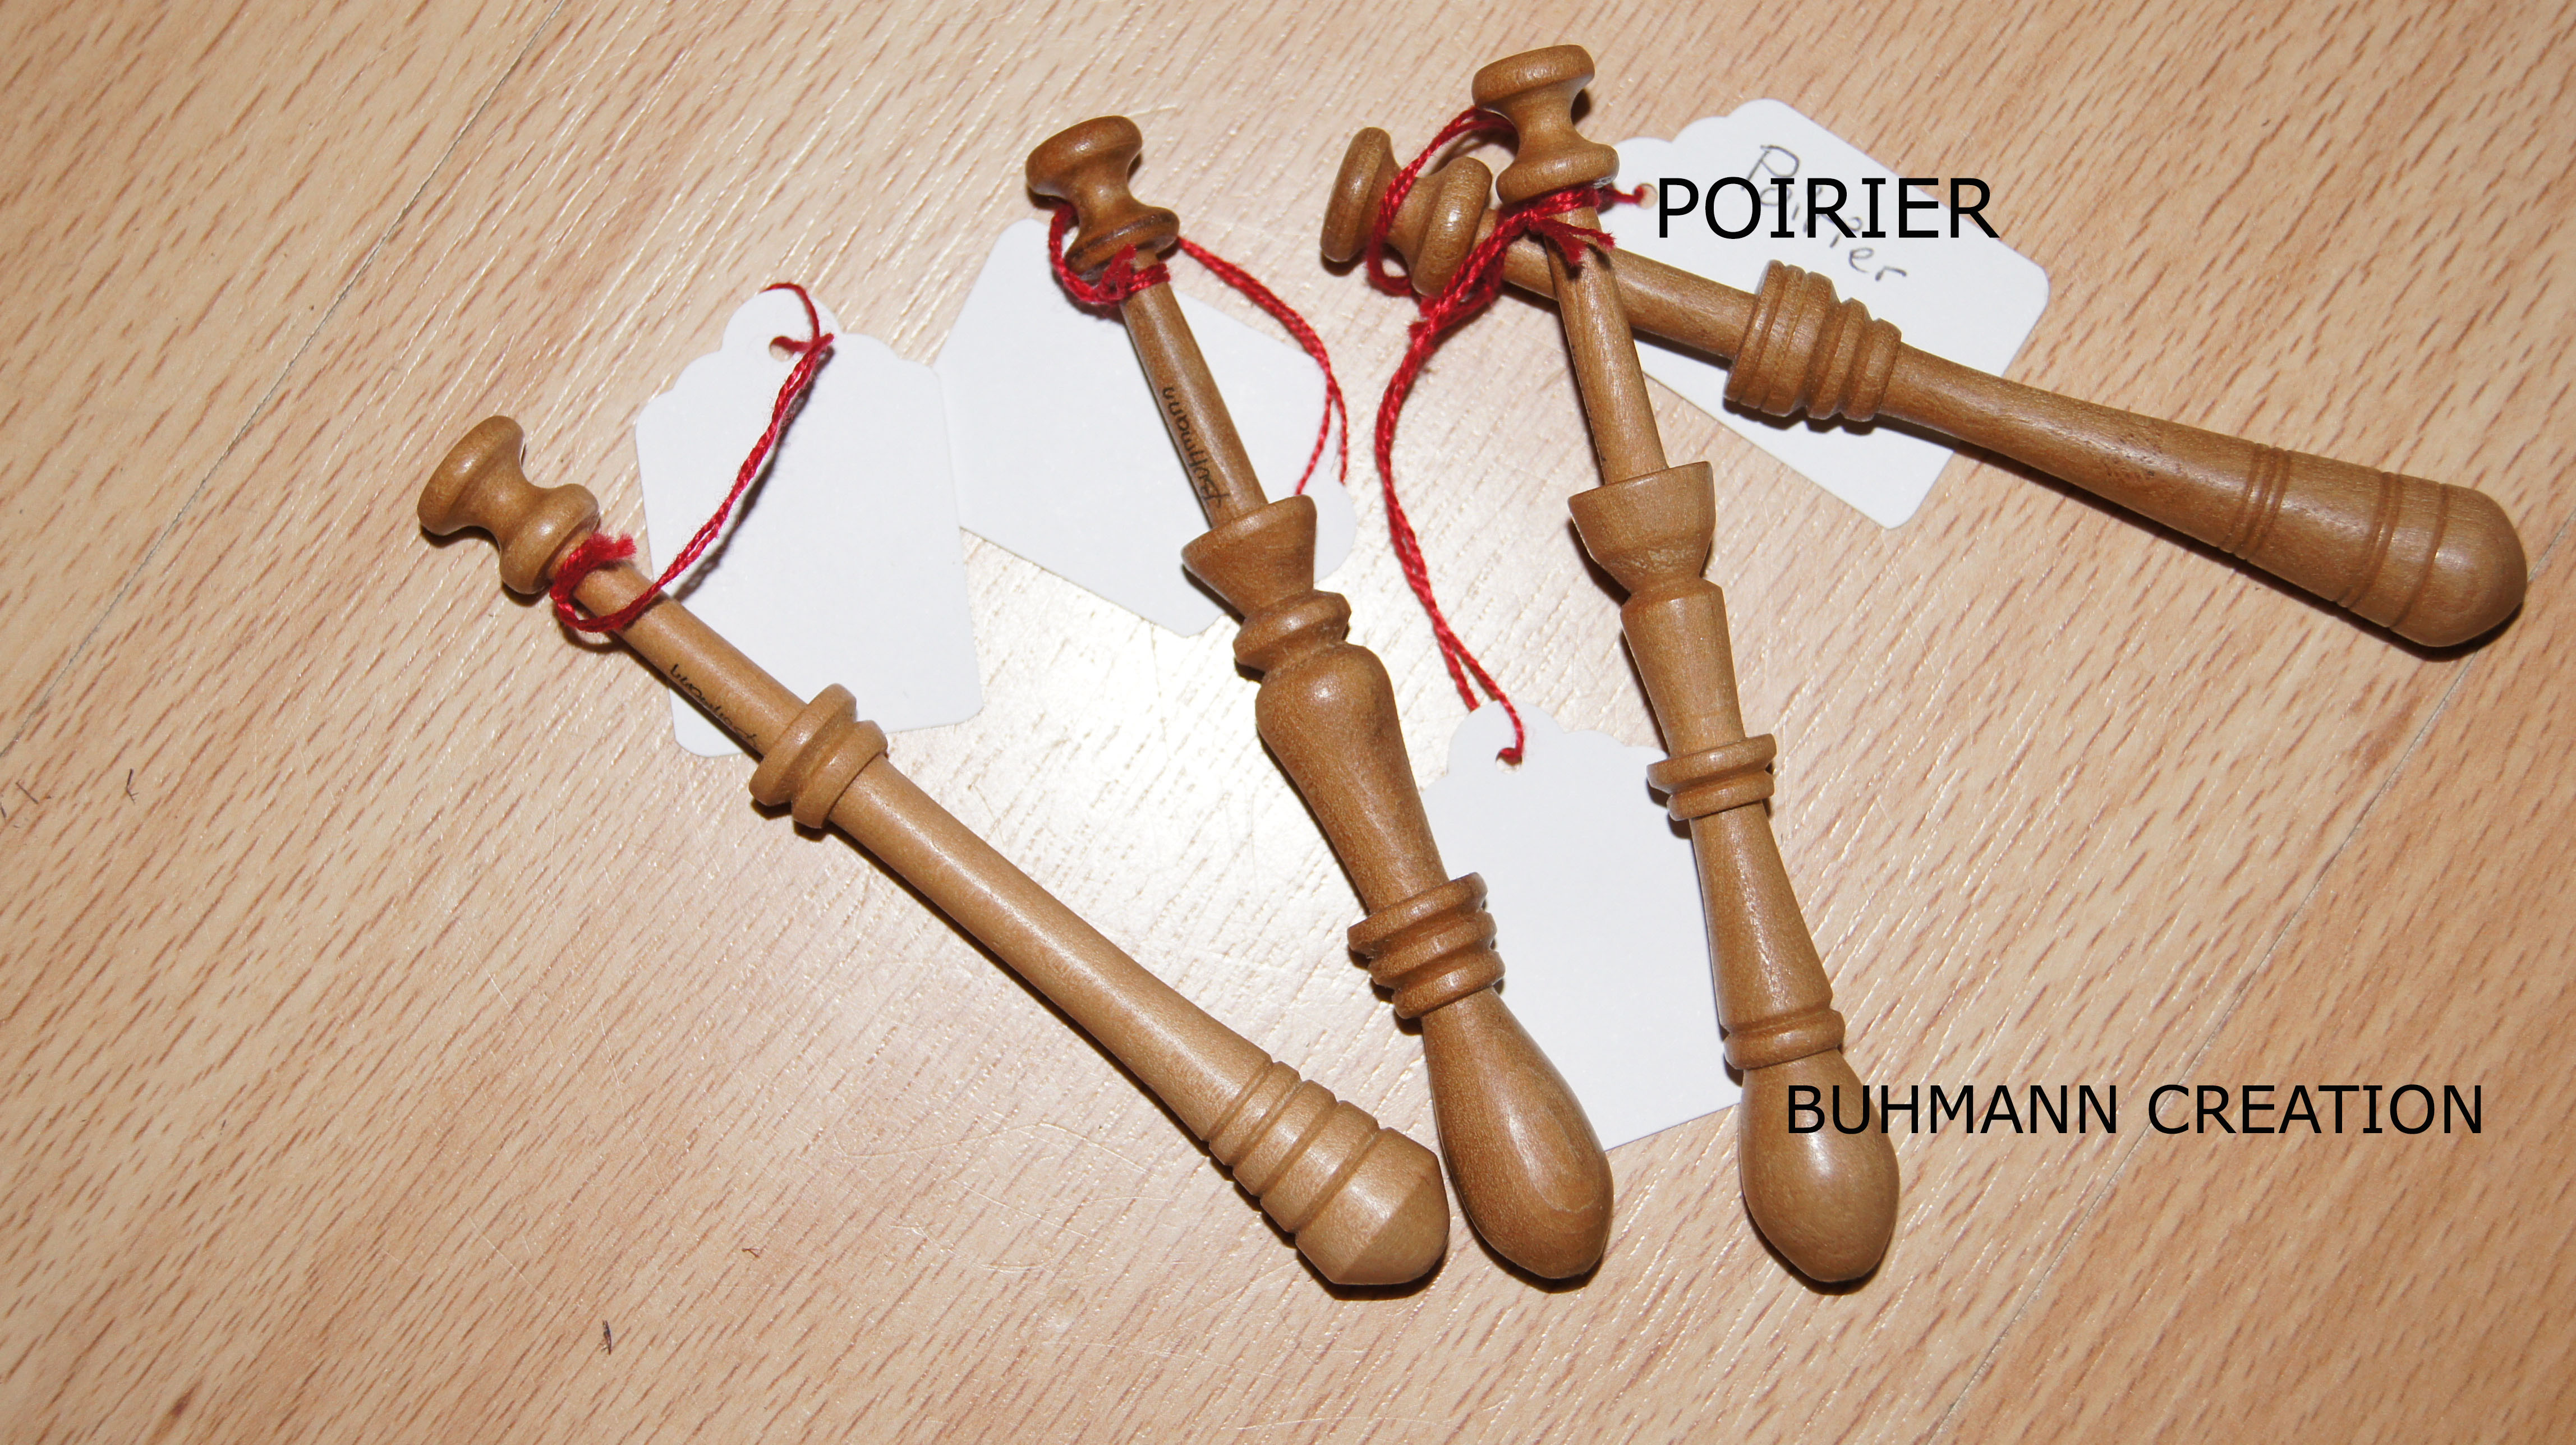 poirier